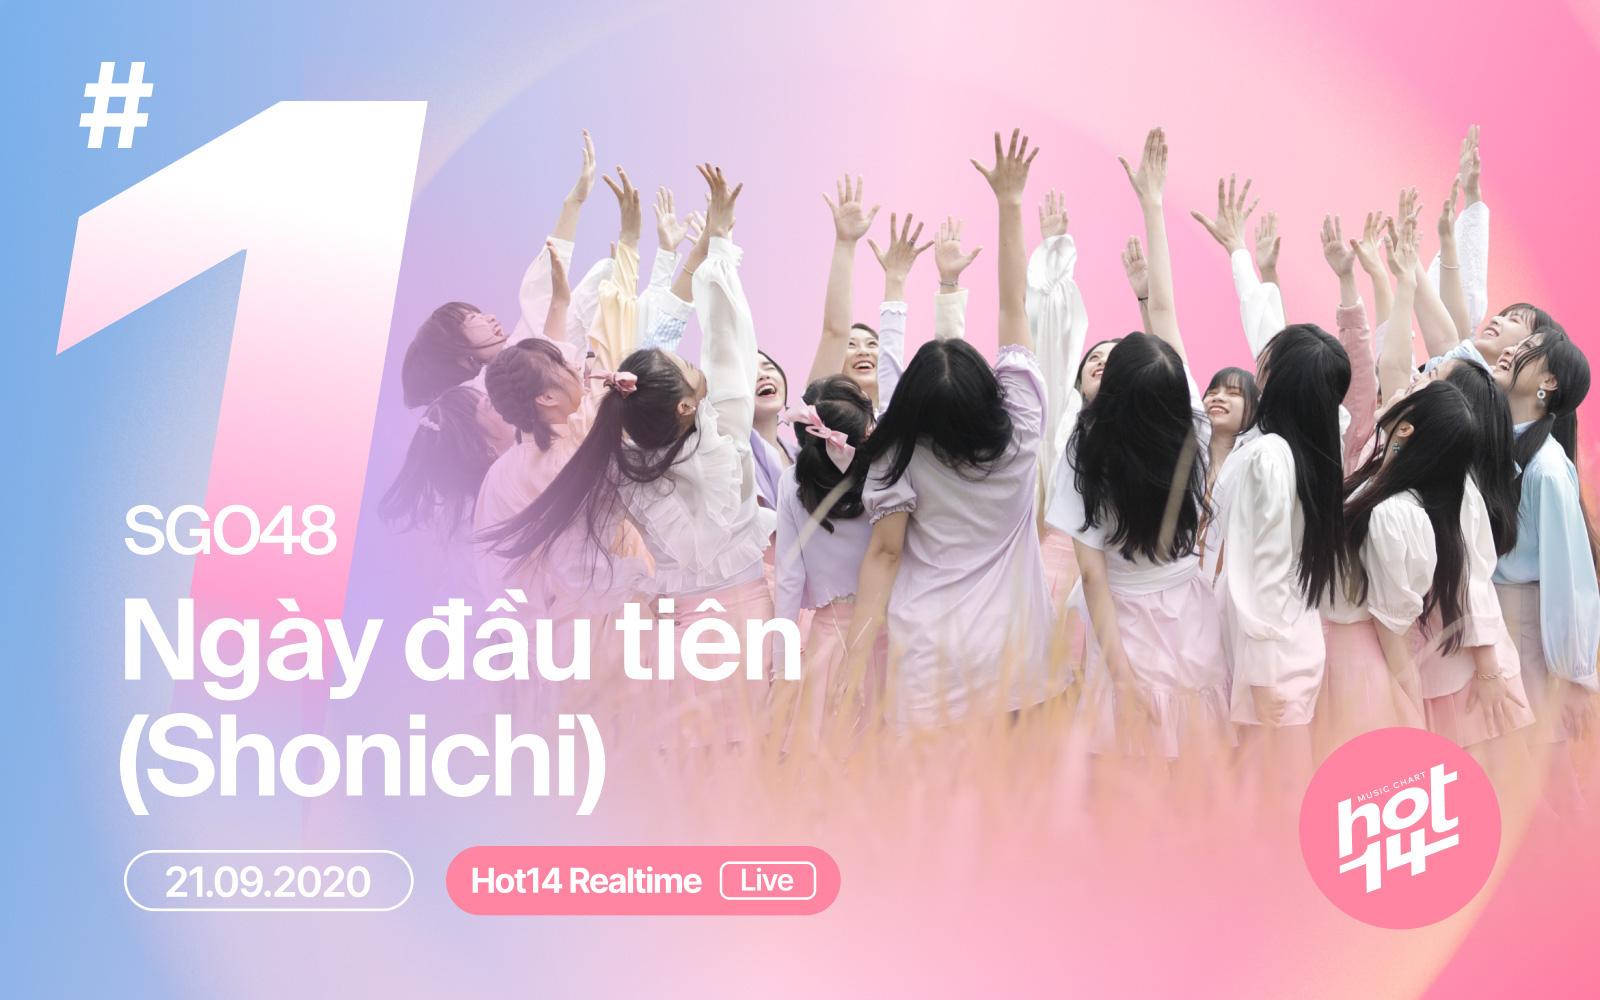 Nhóm nhạc đông dân nhất Việt Nam SGO48 bất ngờ giành #1 BXH HOT14 Realtime sau 3 ngày phát hành